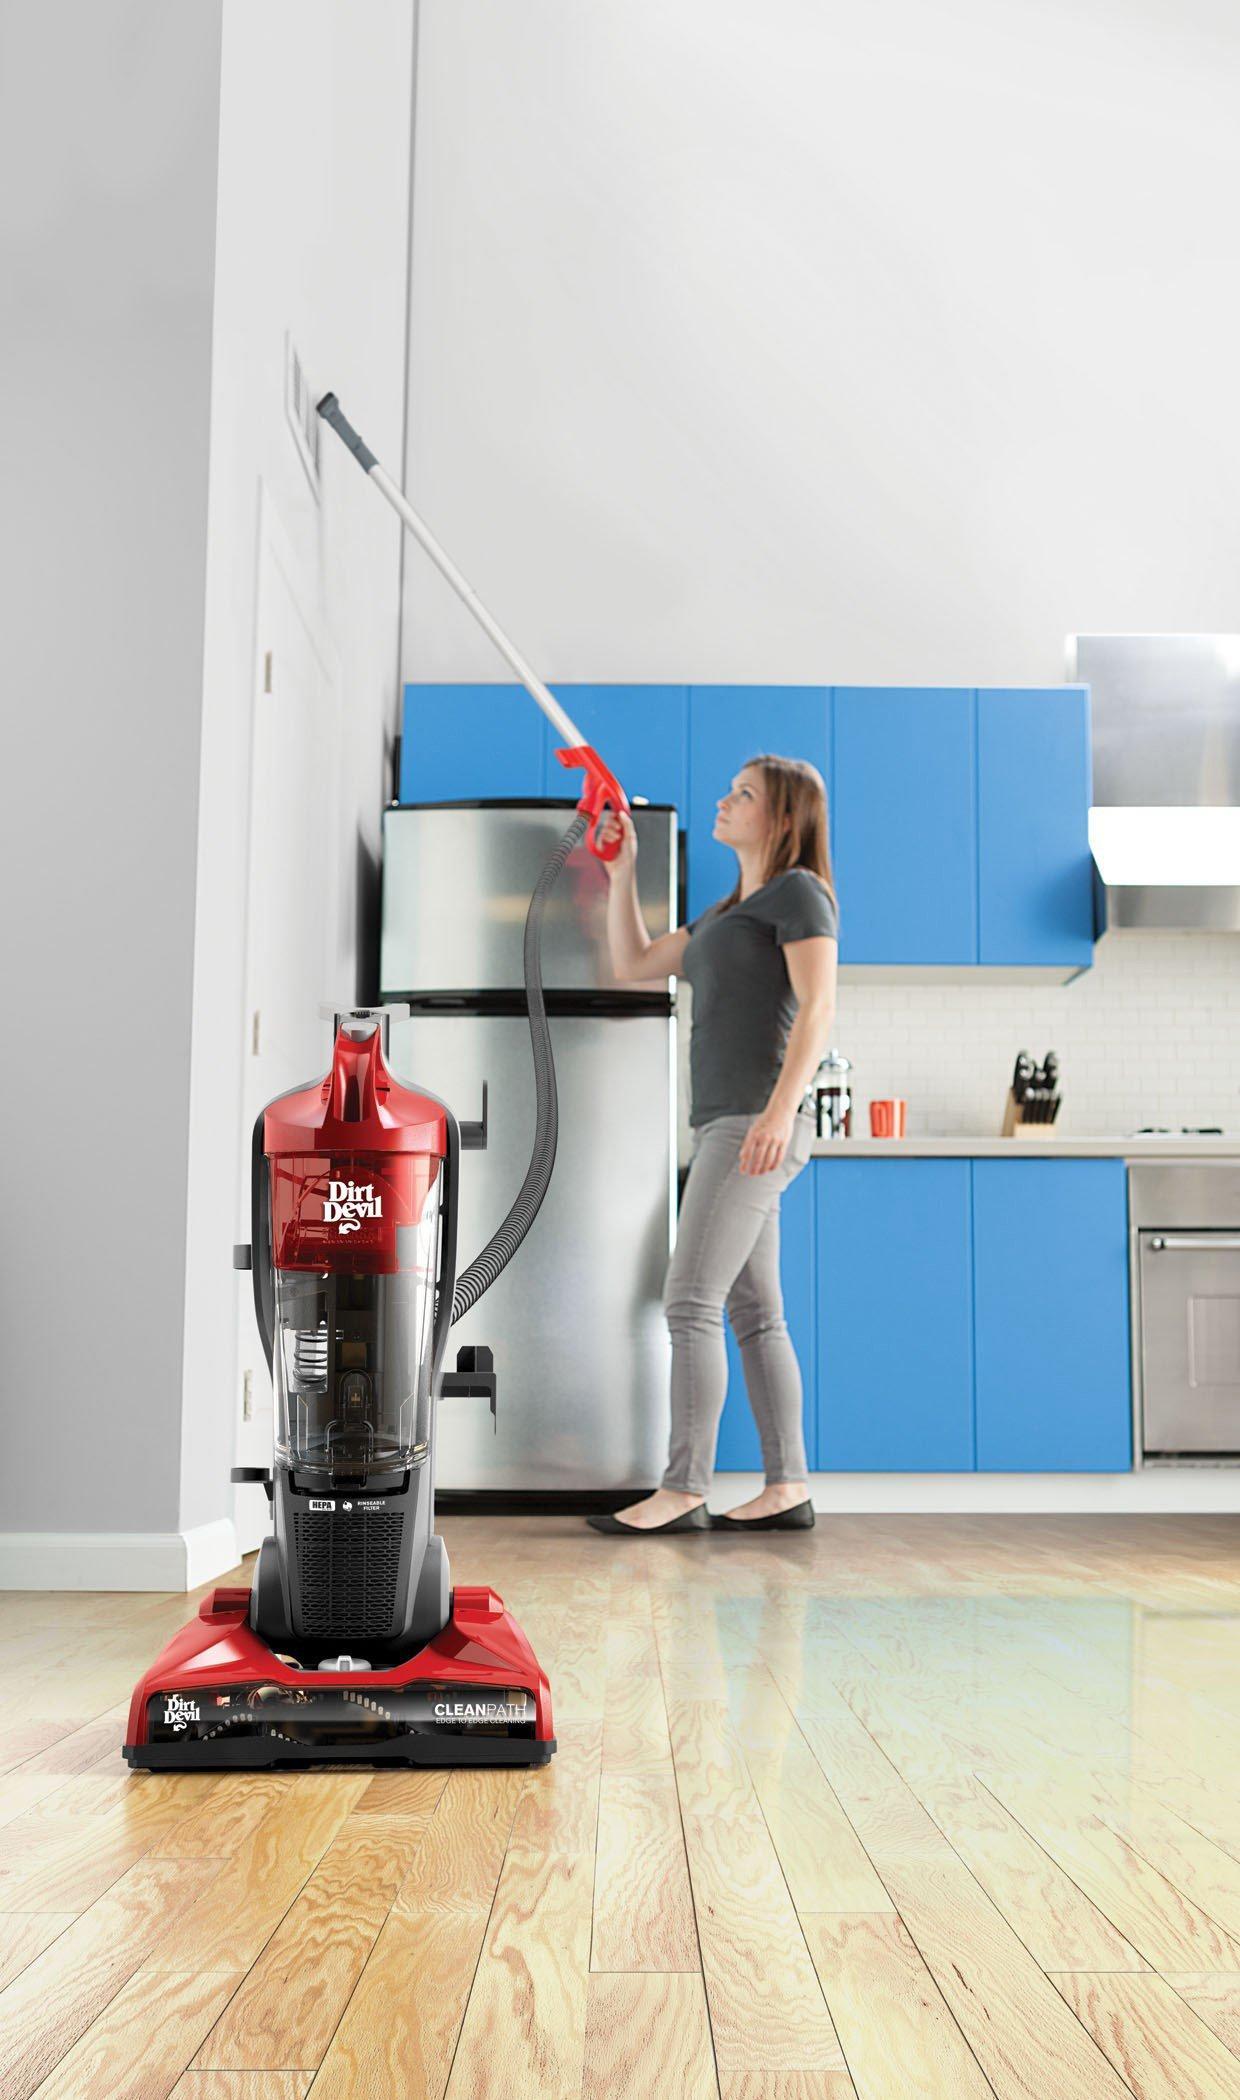 Power Max Upright Vacuum5